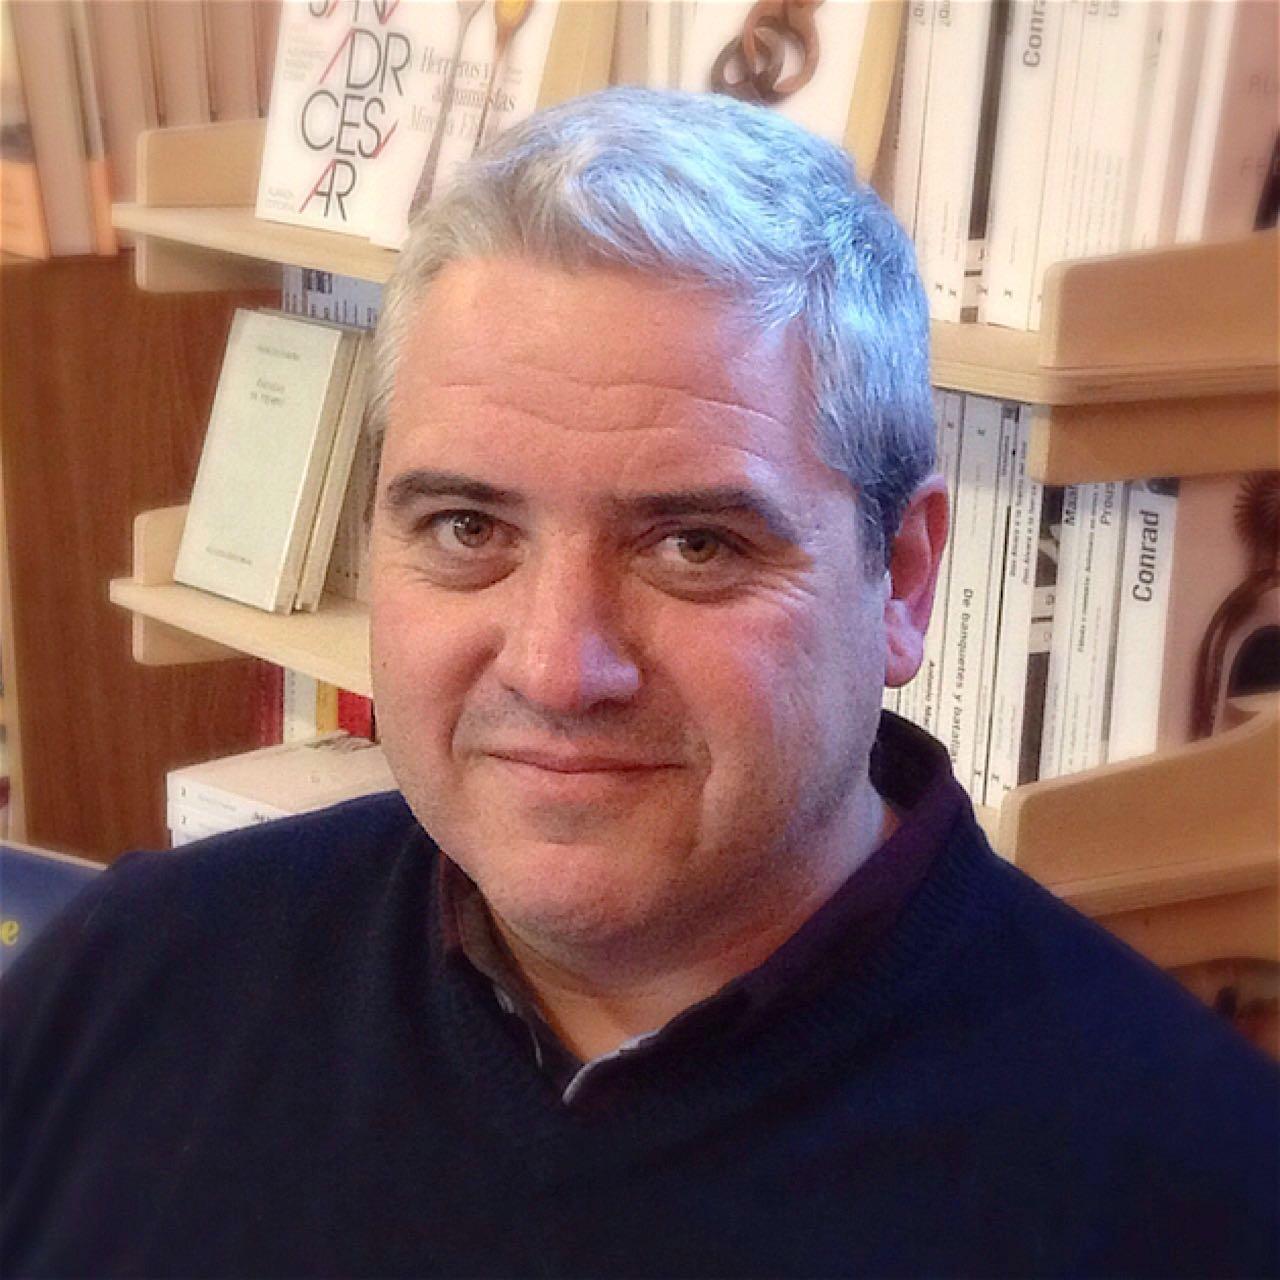 Luis Vallejo Aparicio. Consultor de estrategias para la búsqueda de empleo, A.E.D.L. y Autor de www.dondehaytrabajo.com